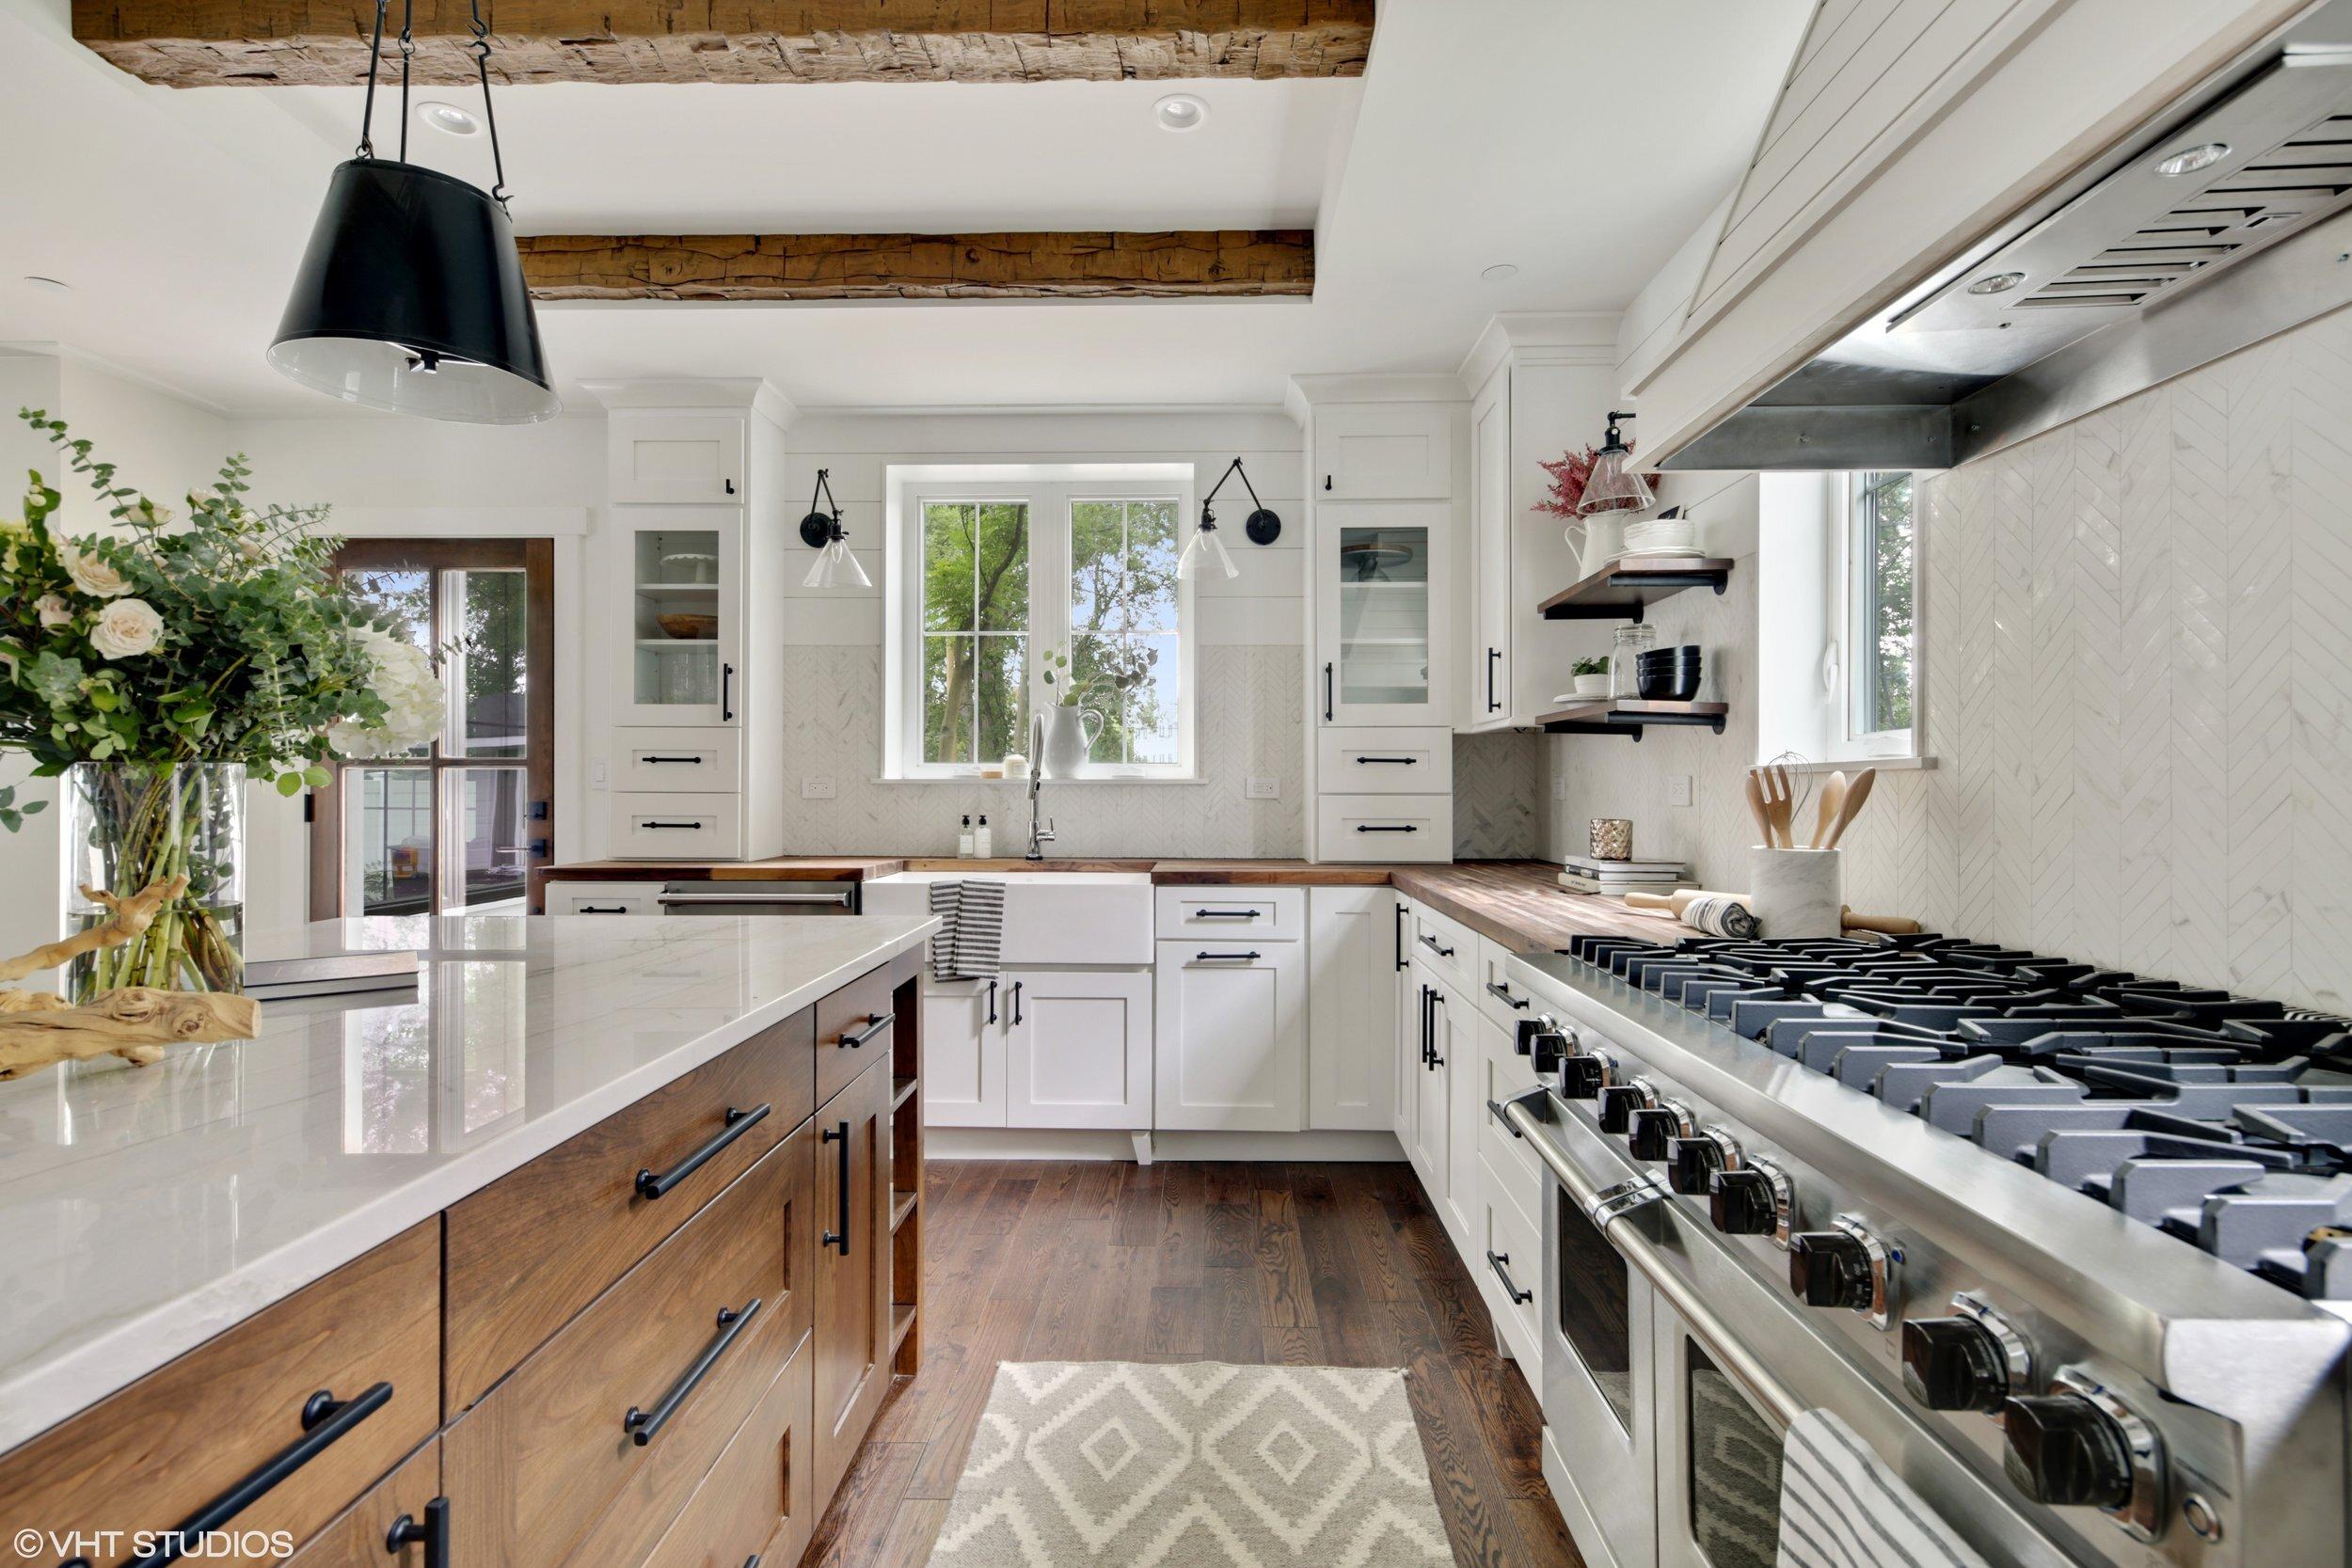 03 317lionel 177001 Kitchen Hires